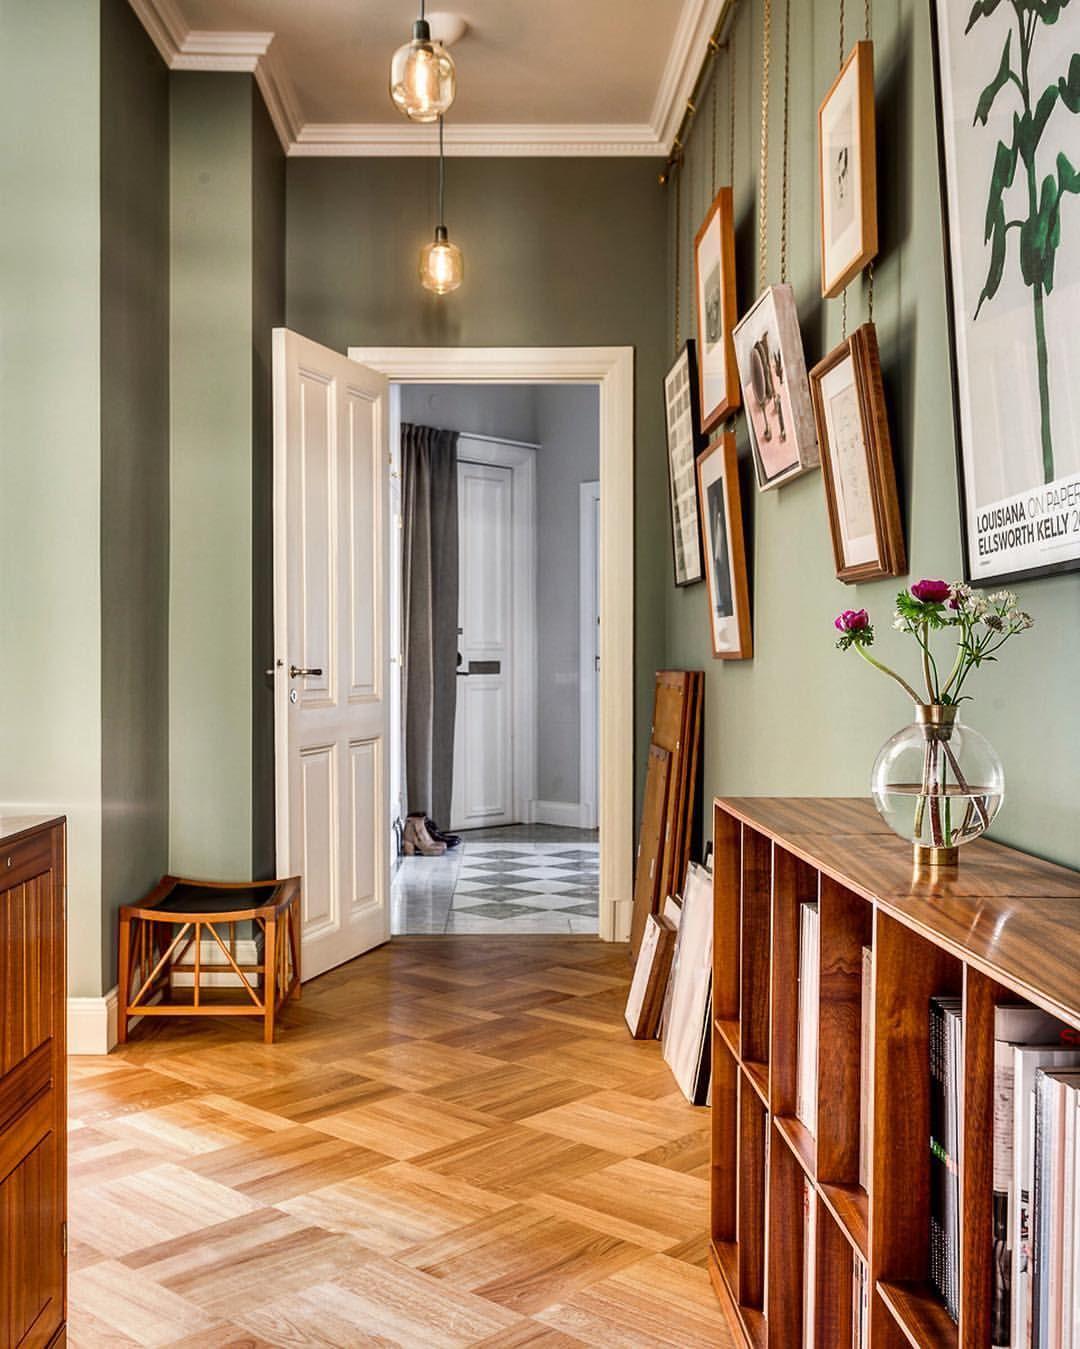 wohnen mit klassikern hat wundersch ne einrichtungsideen und raumausstattungen mit hochwertige. Black Bedroom Furniture Sets. Home Design Ideas